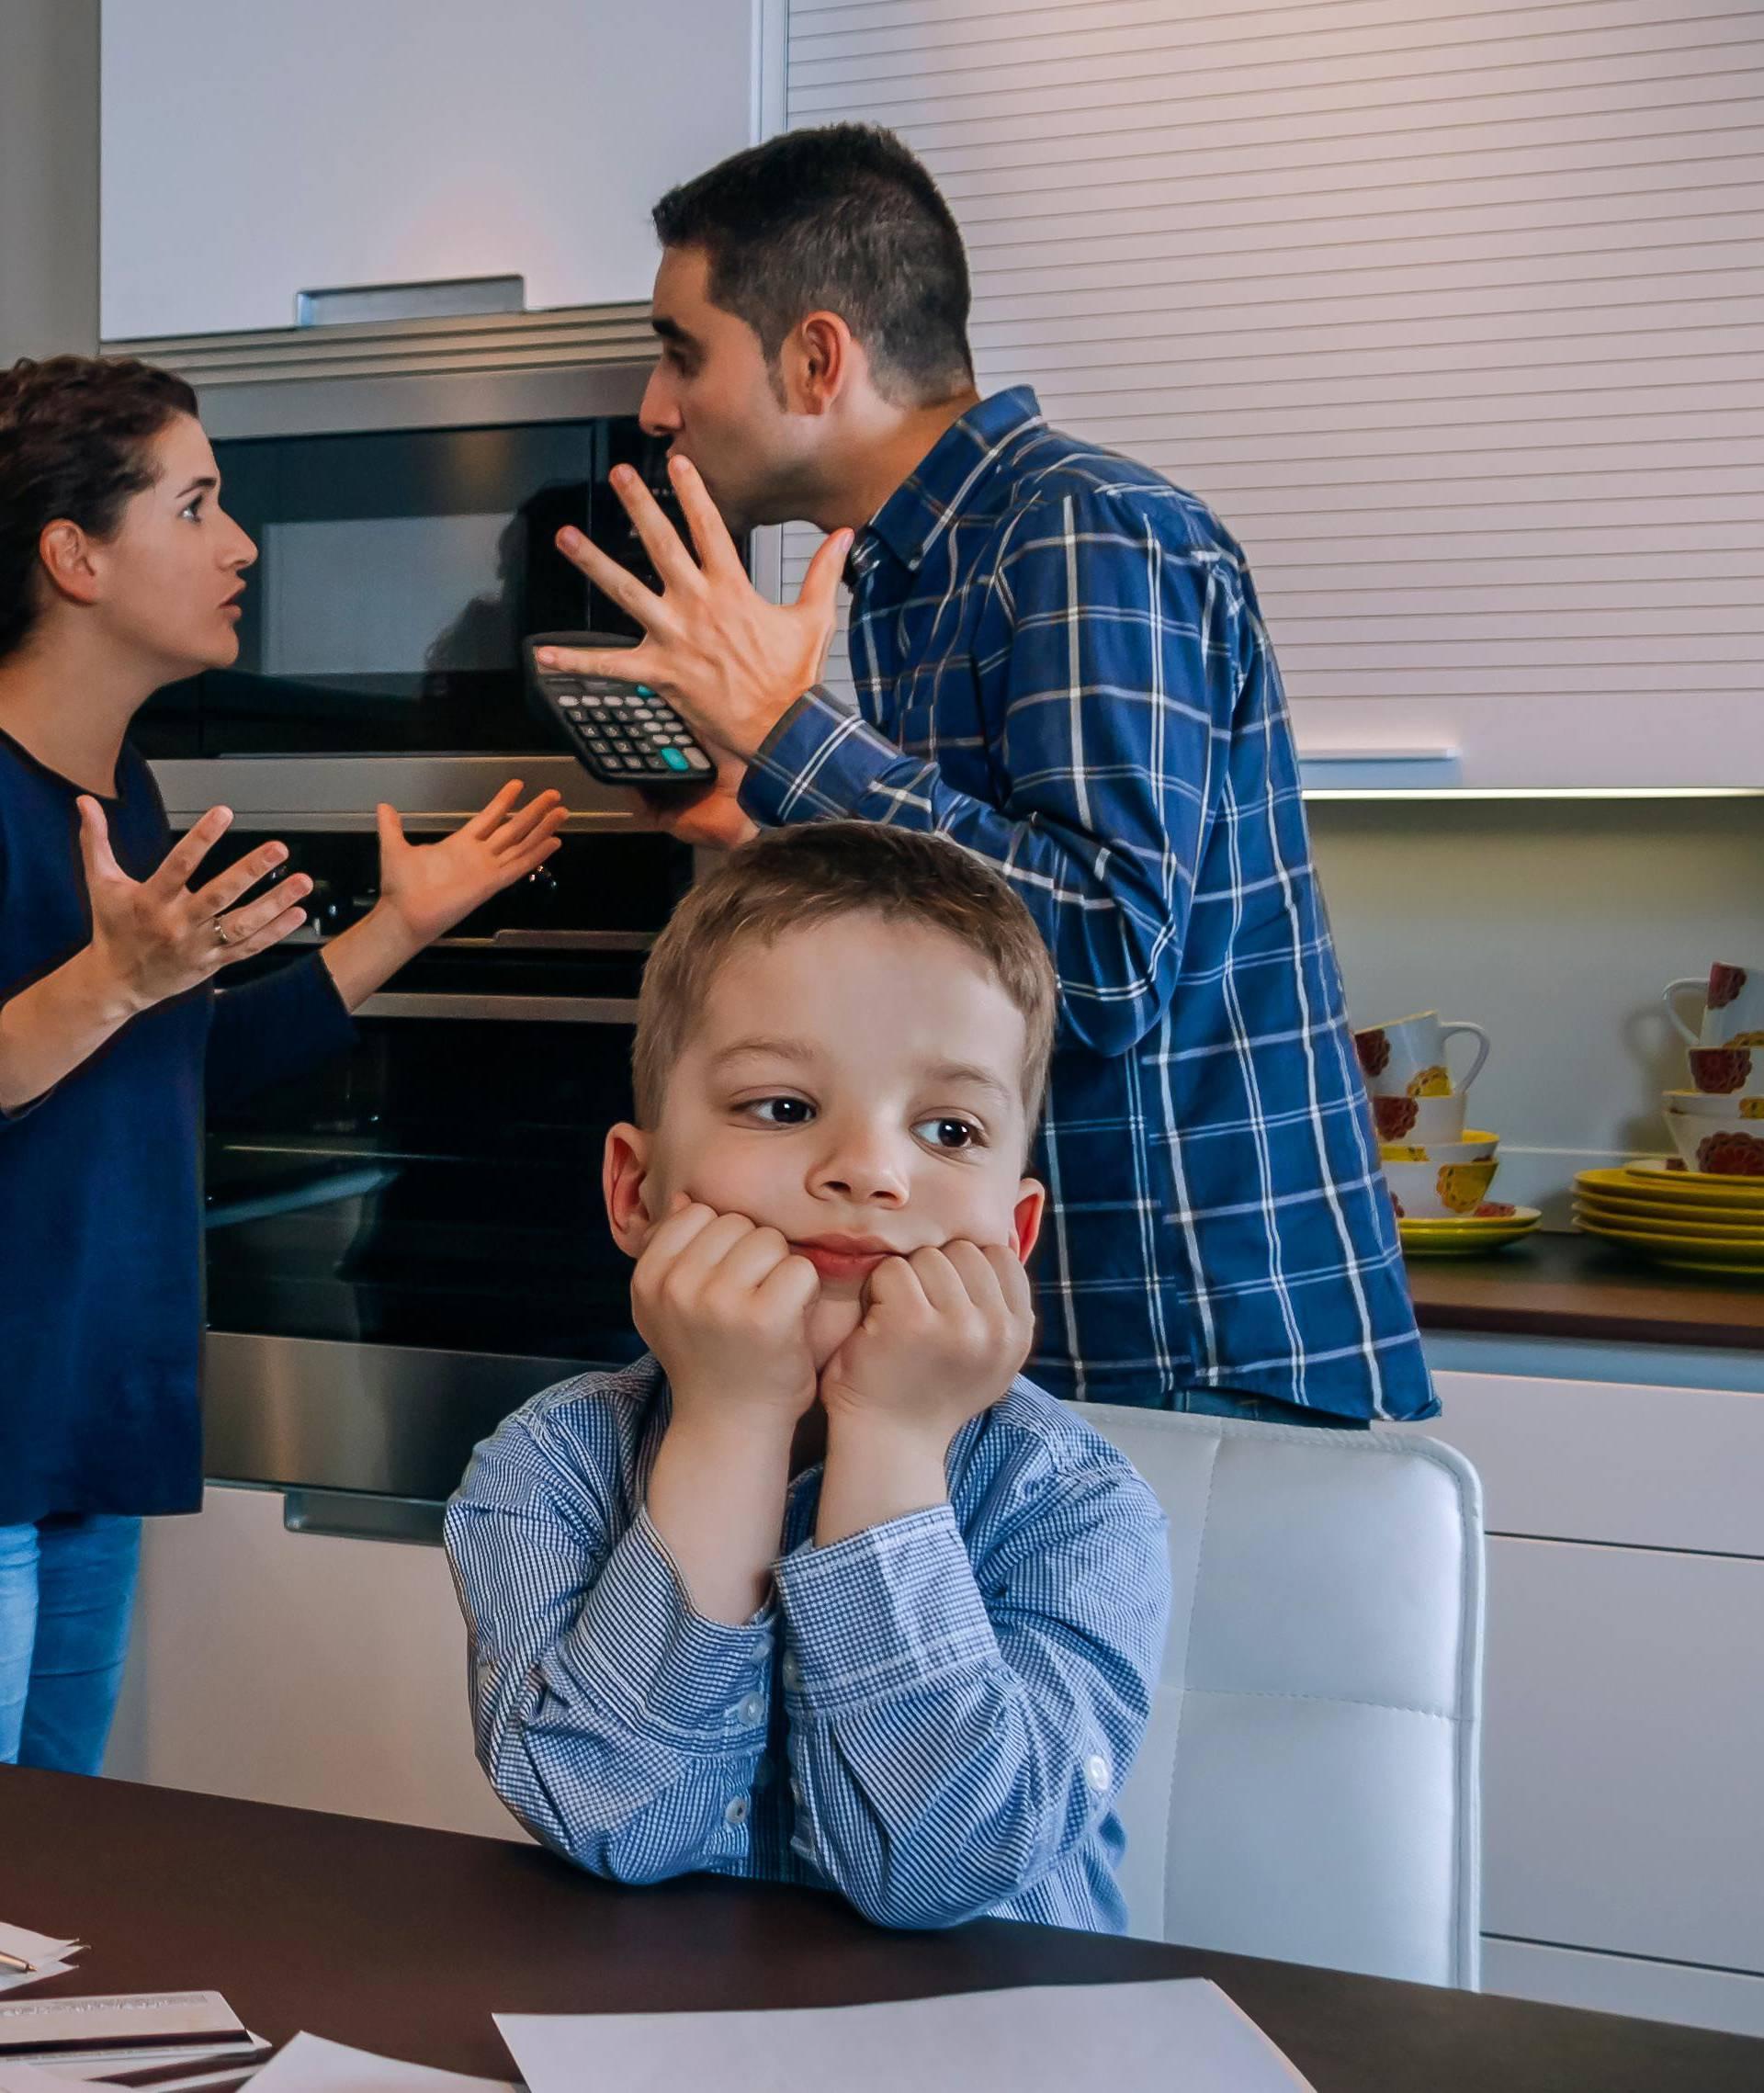 'Roditeljima ništa nije teško' je mit koji vodi u preopterećenost